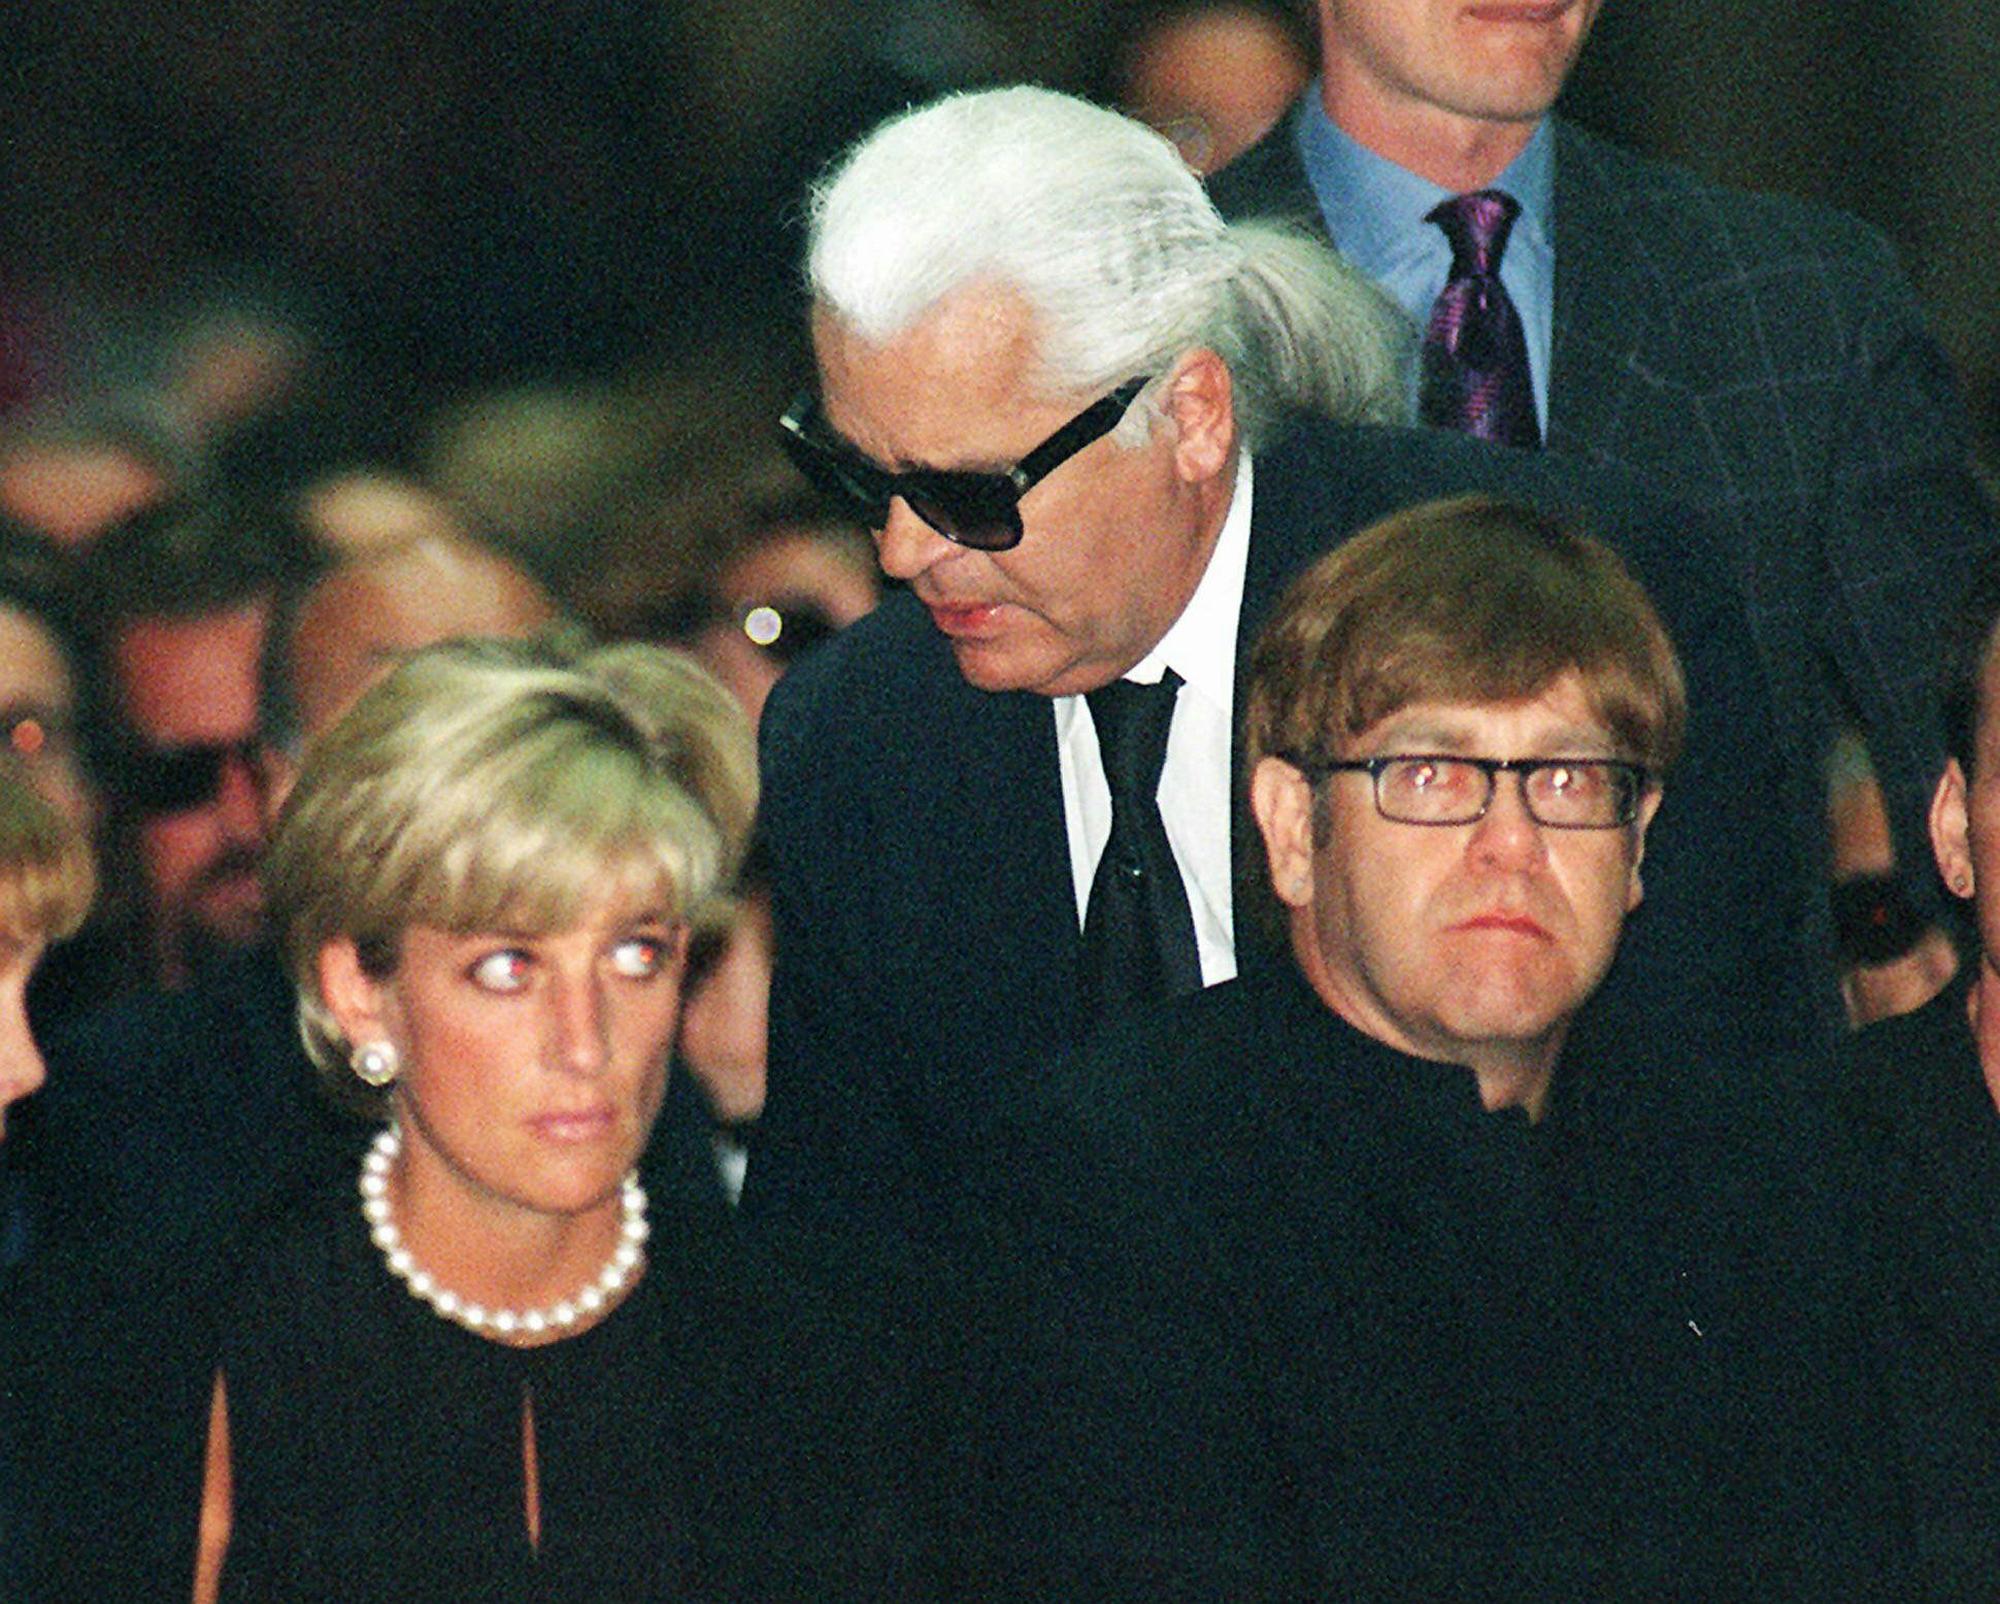 Lagerfeld a su llegada al velatorio del diseñador Gianni Versace, al que también asistieron la princesa Diana y el cantante Elton John. (AP)